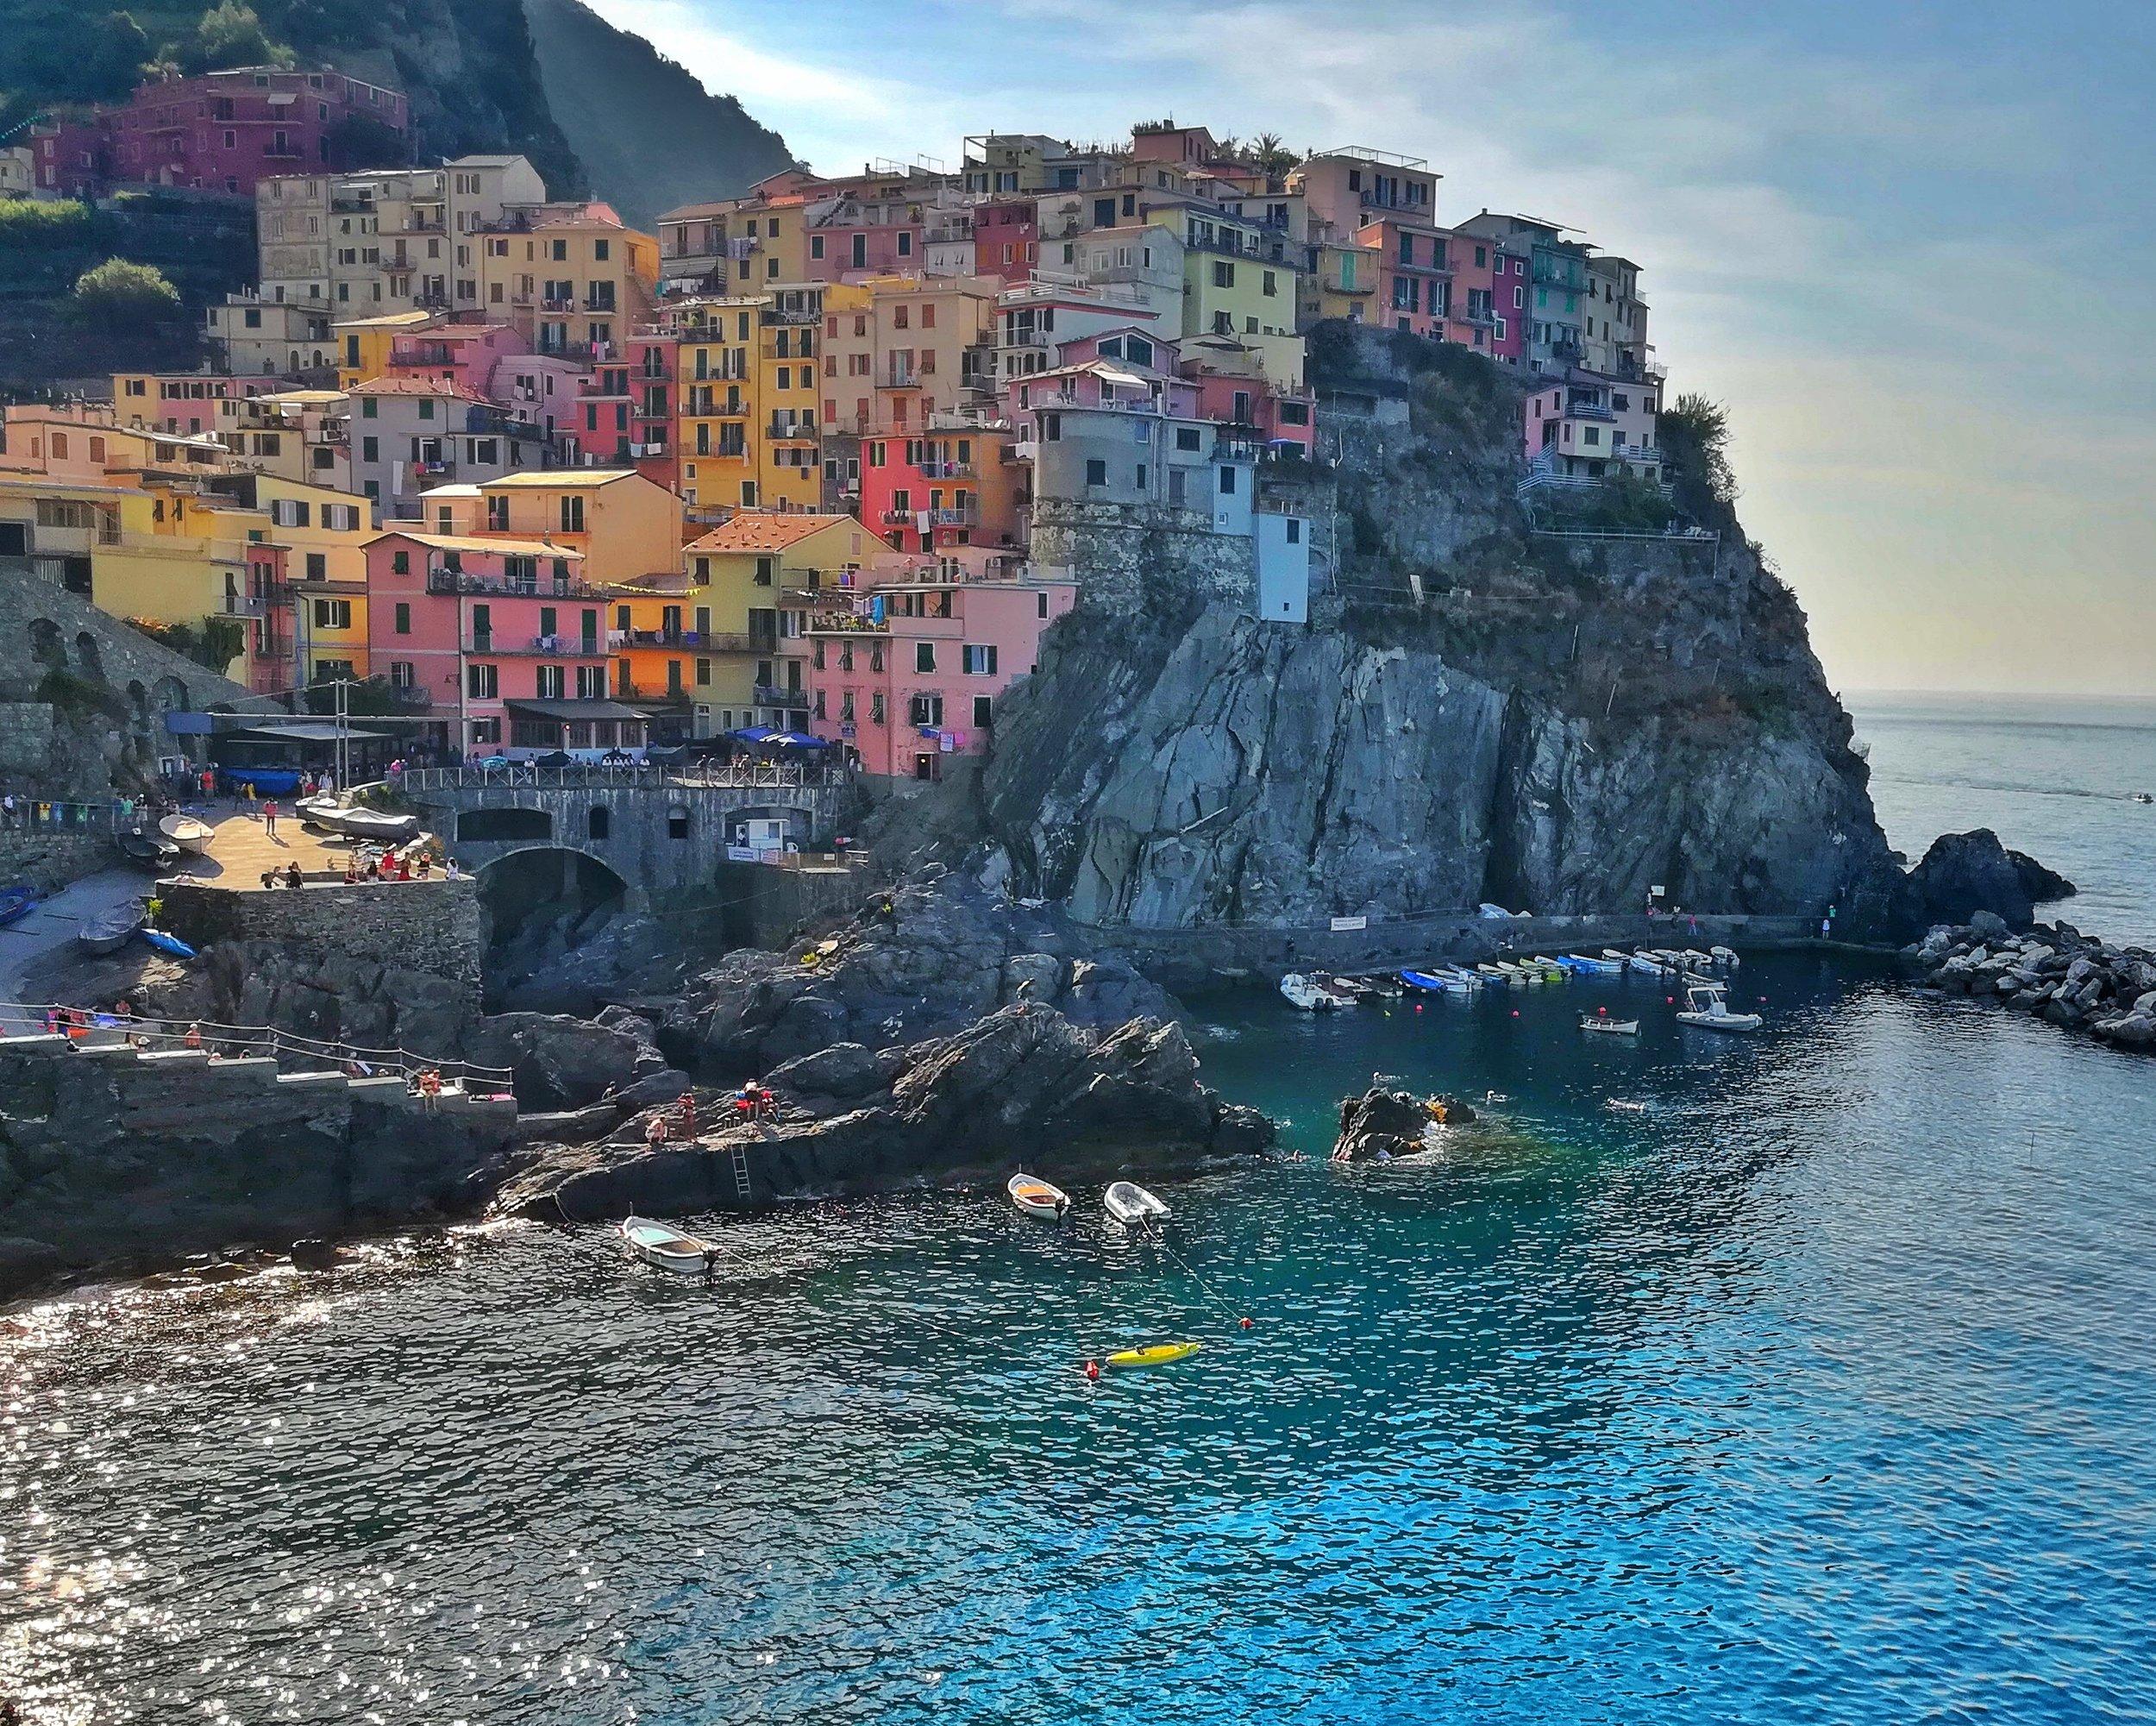 Cinque Terre (pronounced ching-ka-terra)